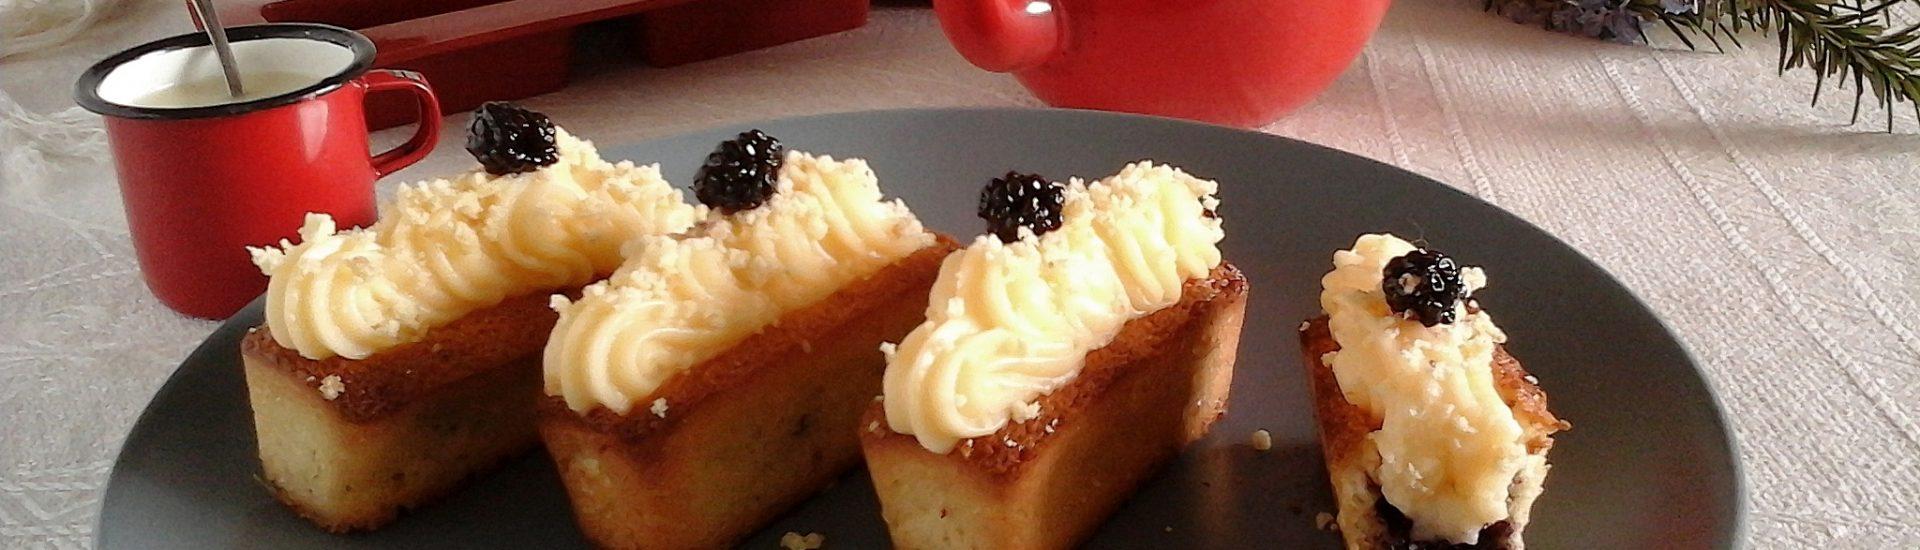 Plum-cake mimosa crema al limone e more sciroppate